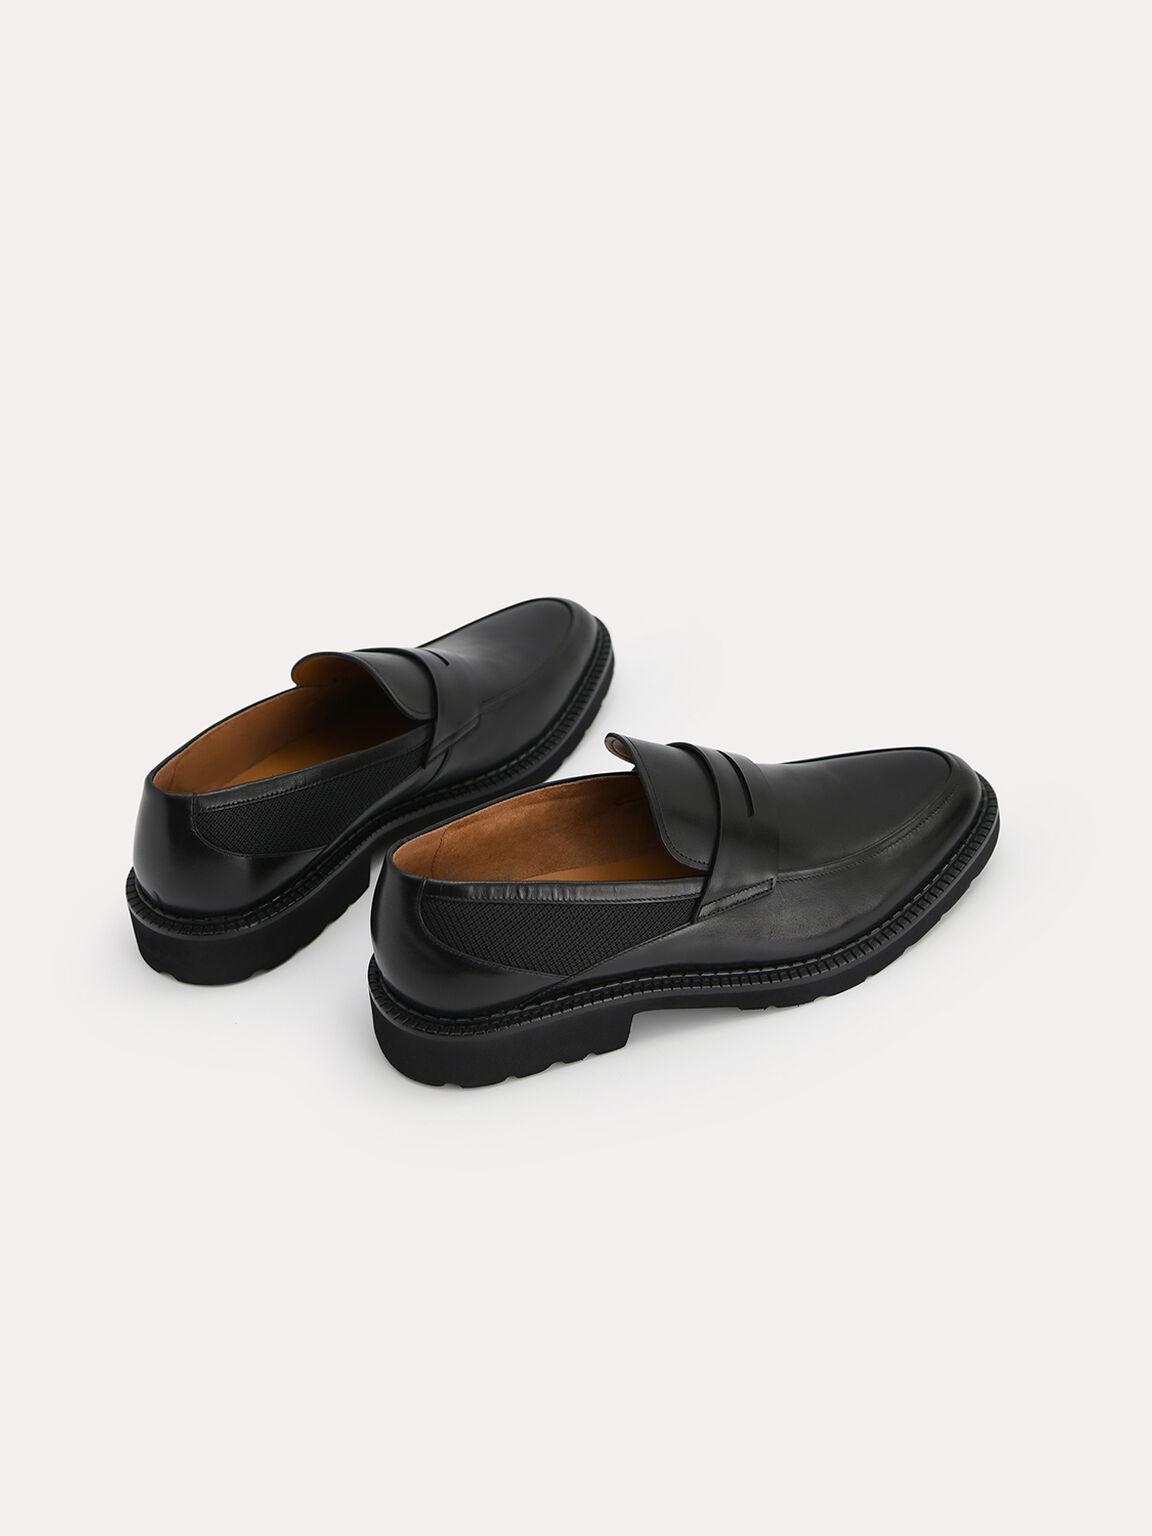 Burnished Leather Penny Loafer, Black, hi-res